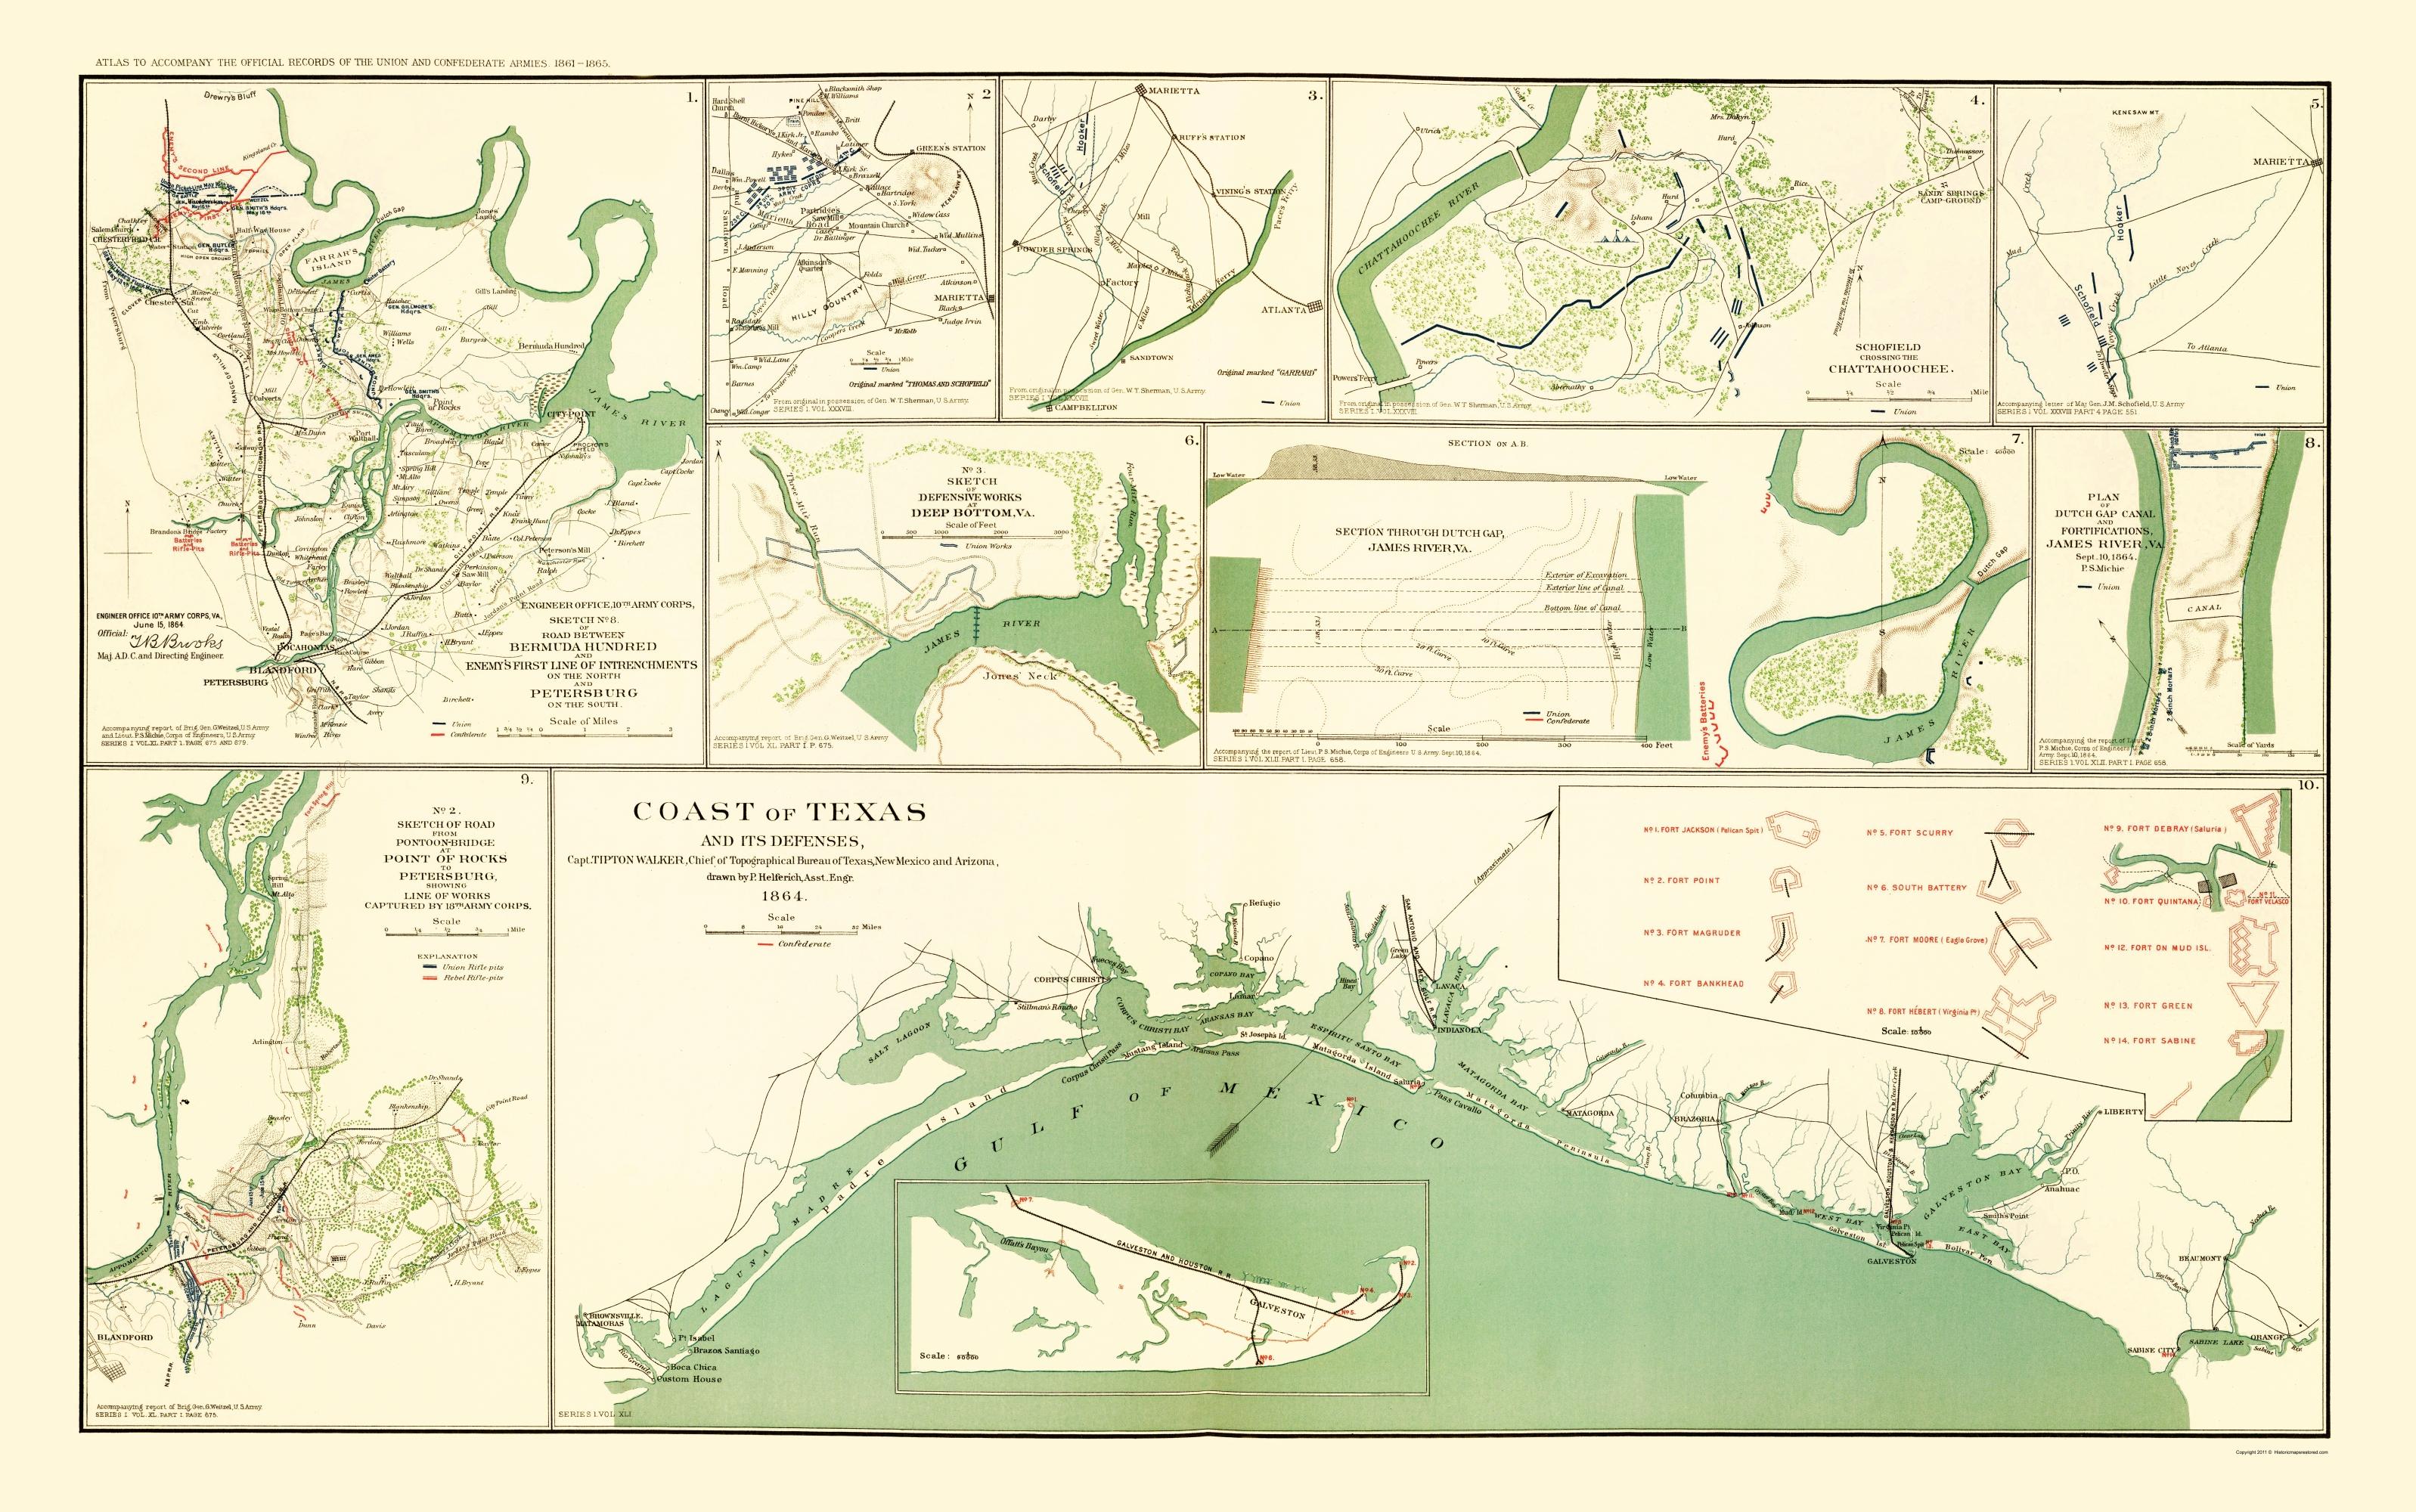 Civil War Map - Texas Coast & Defenses 1864 - Texas Civil War Map